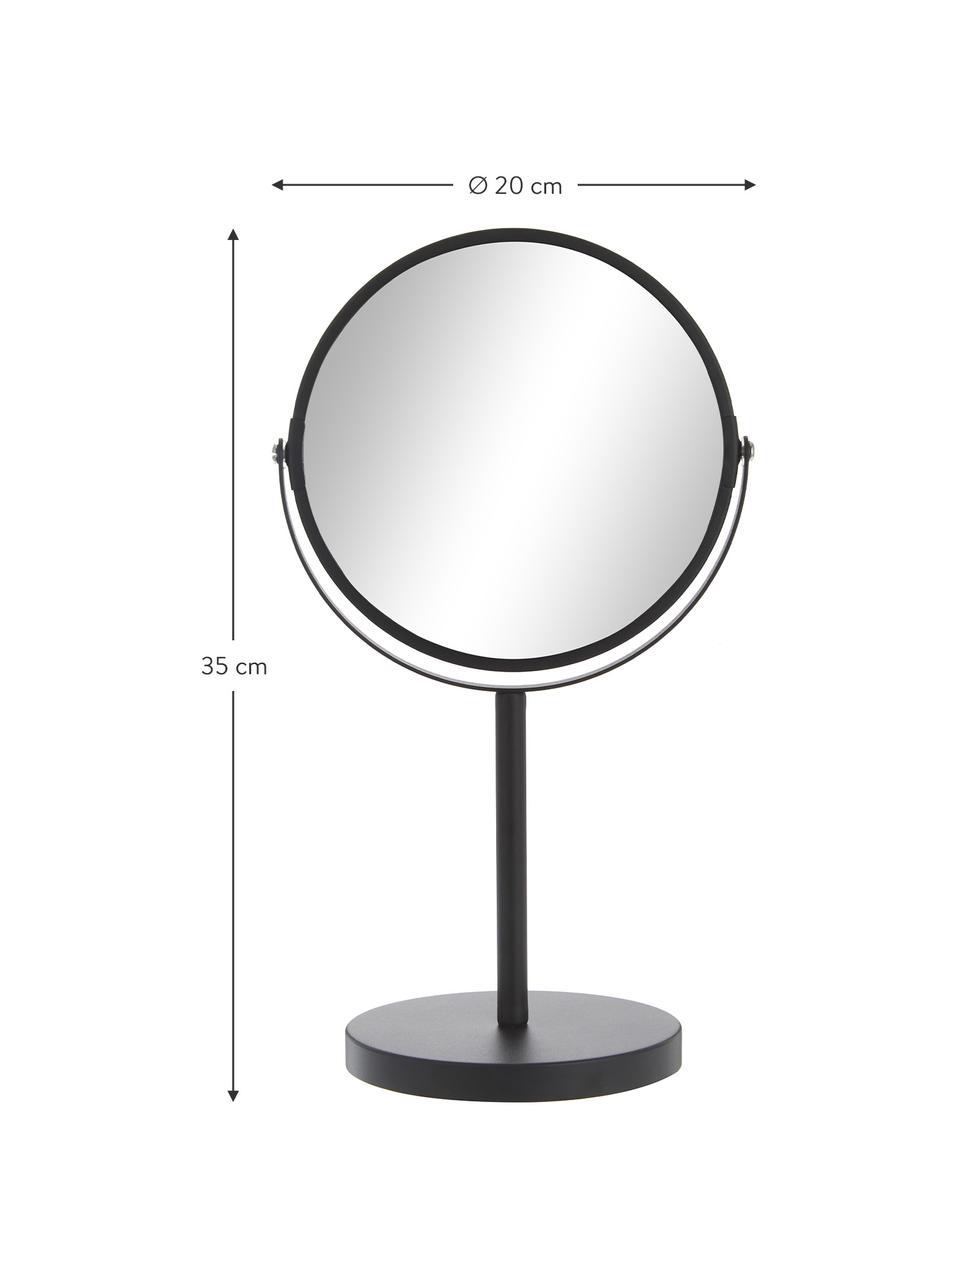 Kosmetikspiegel Classic mit Vergrößerung, Rahmen: Metall, Spiegelfläche: Spiegelglas, Rahmen: SchwarzSpiegelfläche: Spiegelglas, Ø 20 x H 35 cm